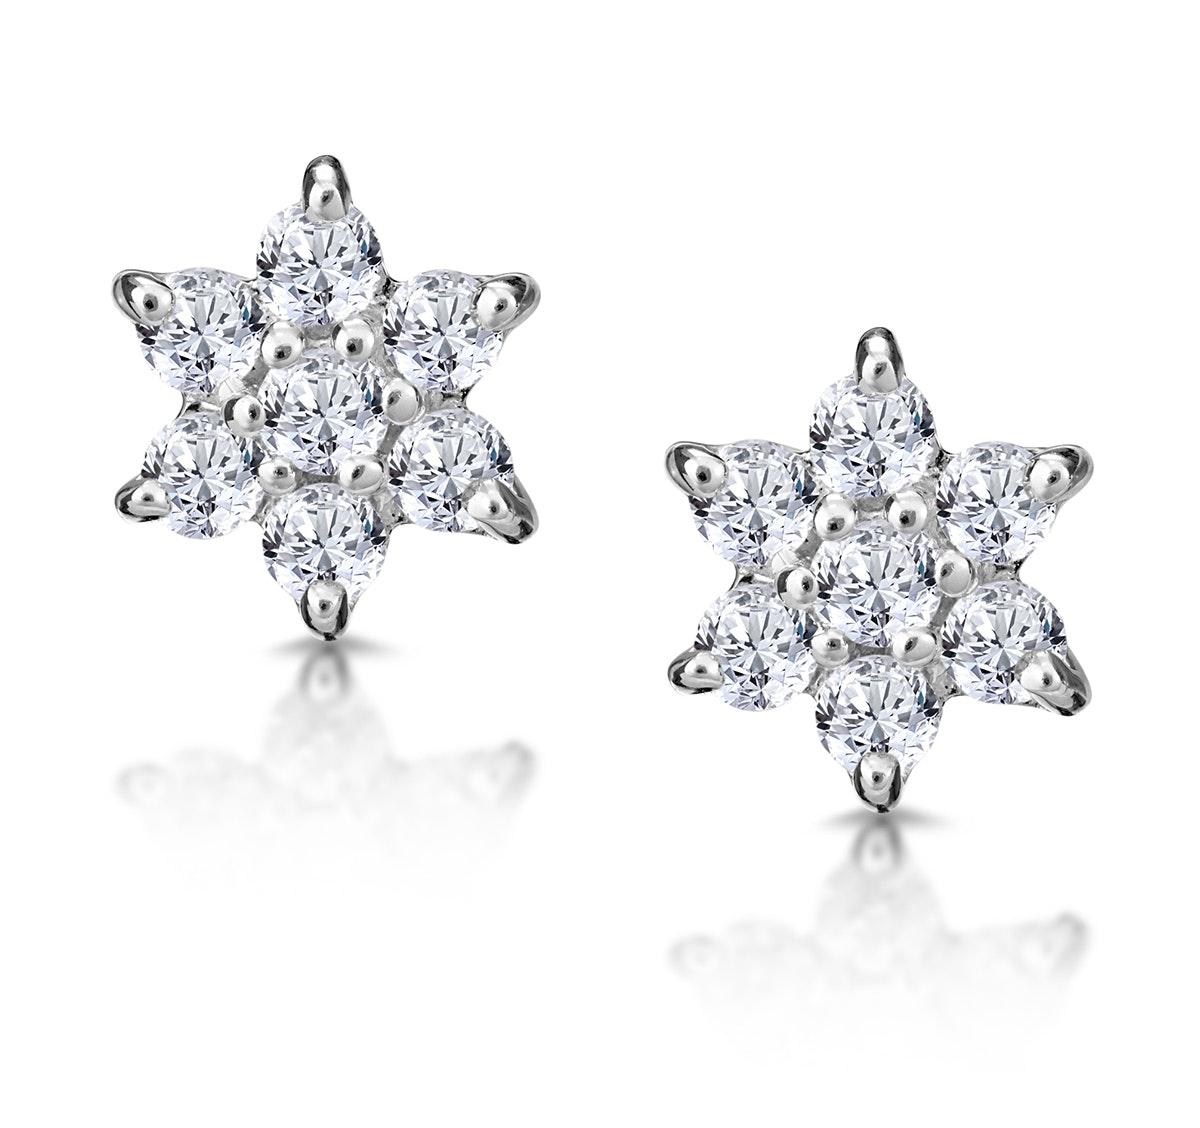 Diamond Cluster Earrings 0.30ct White Gold